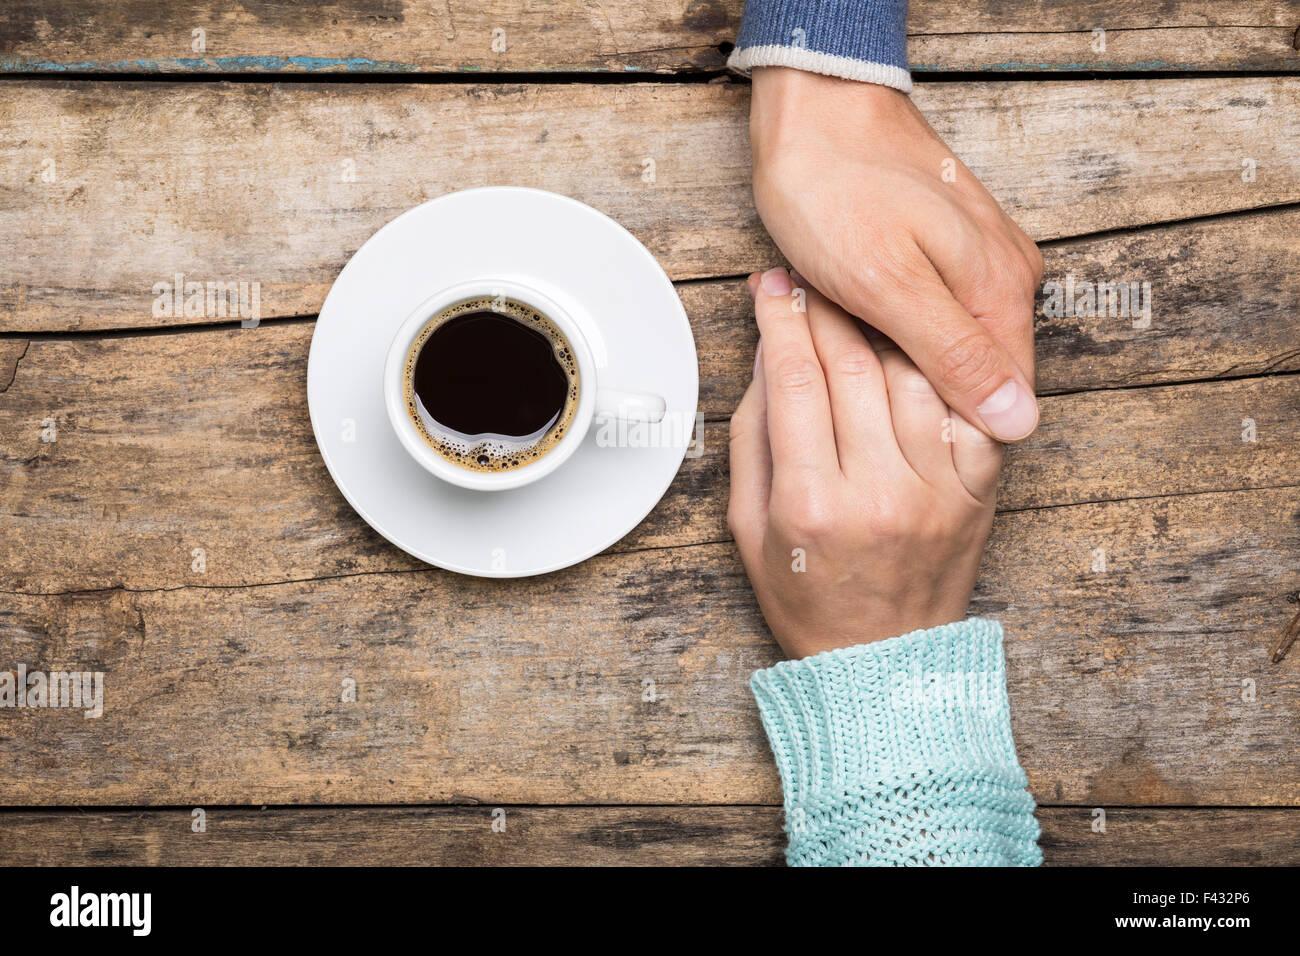 L'homme tient la main de femme avec tasse de café haut afficher les images sur toile en bois. Café Photo Stock